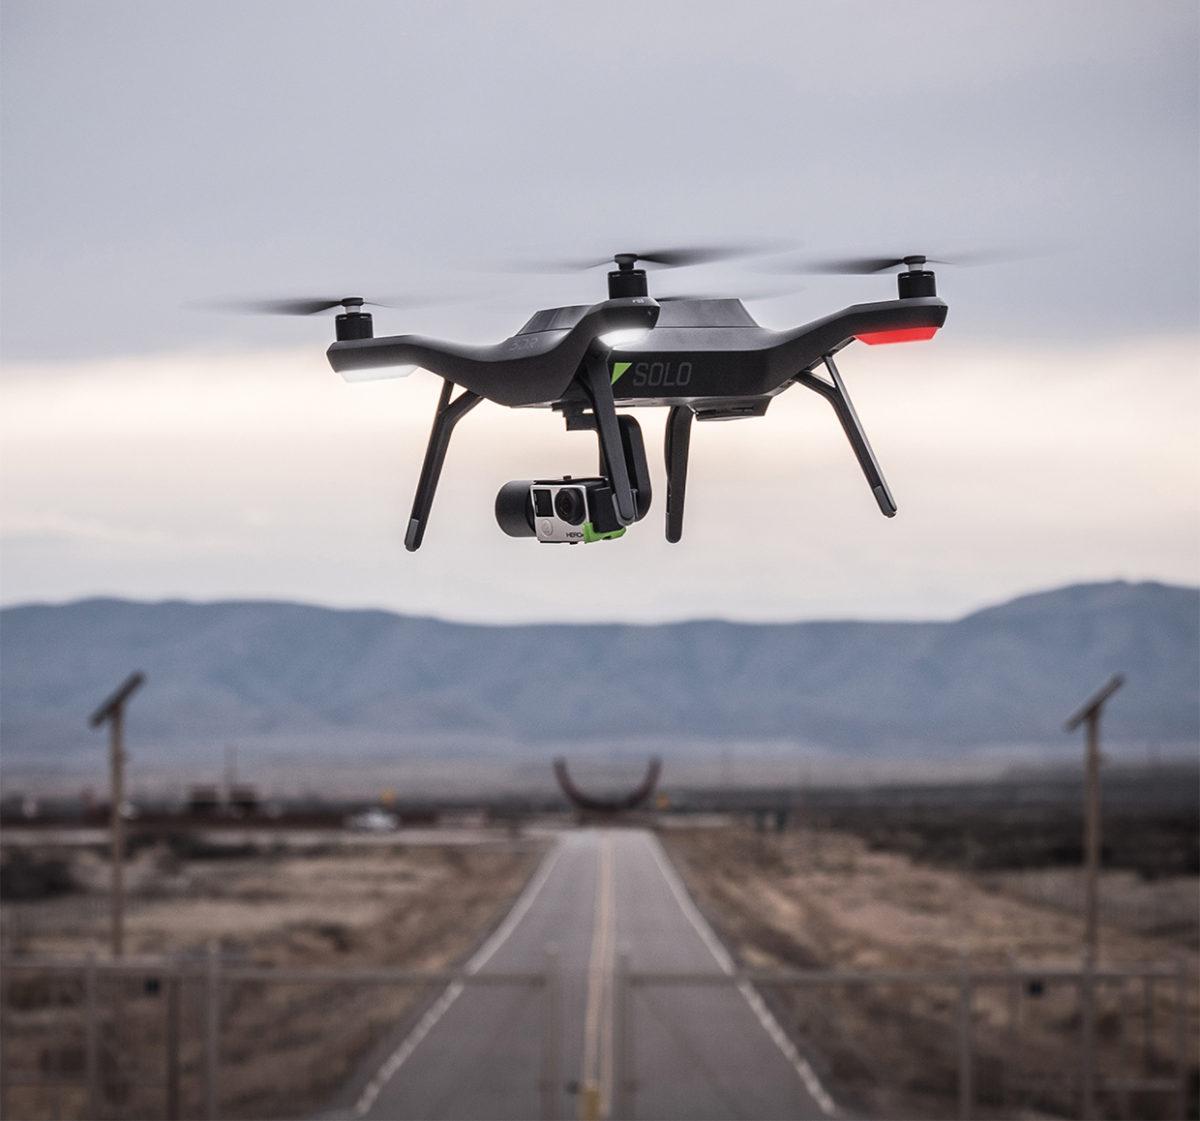 Assicurazione droni. Responsabilità civile e danni al drone stesso